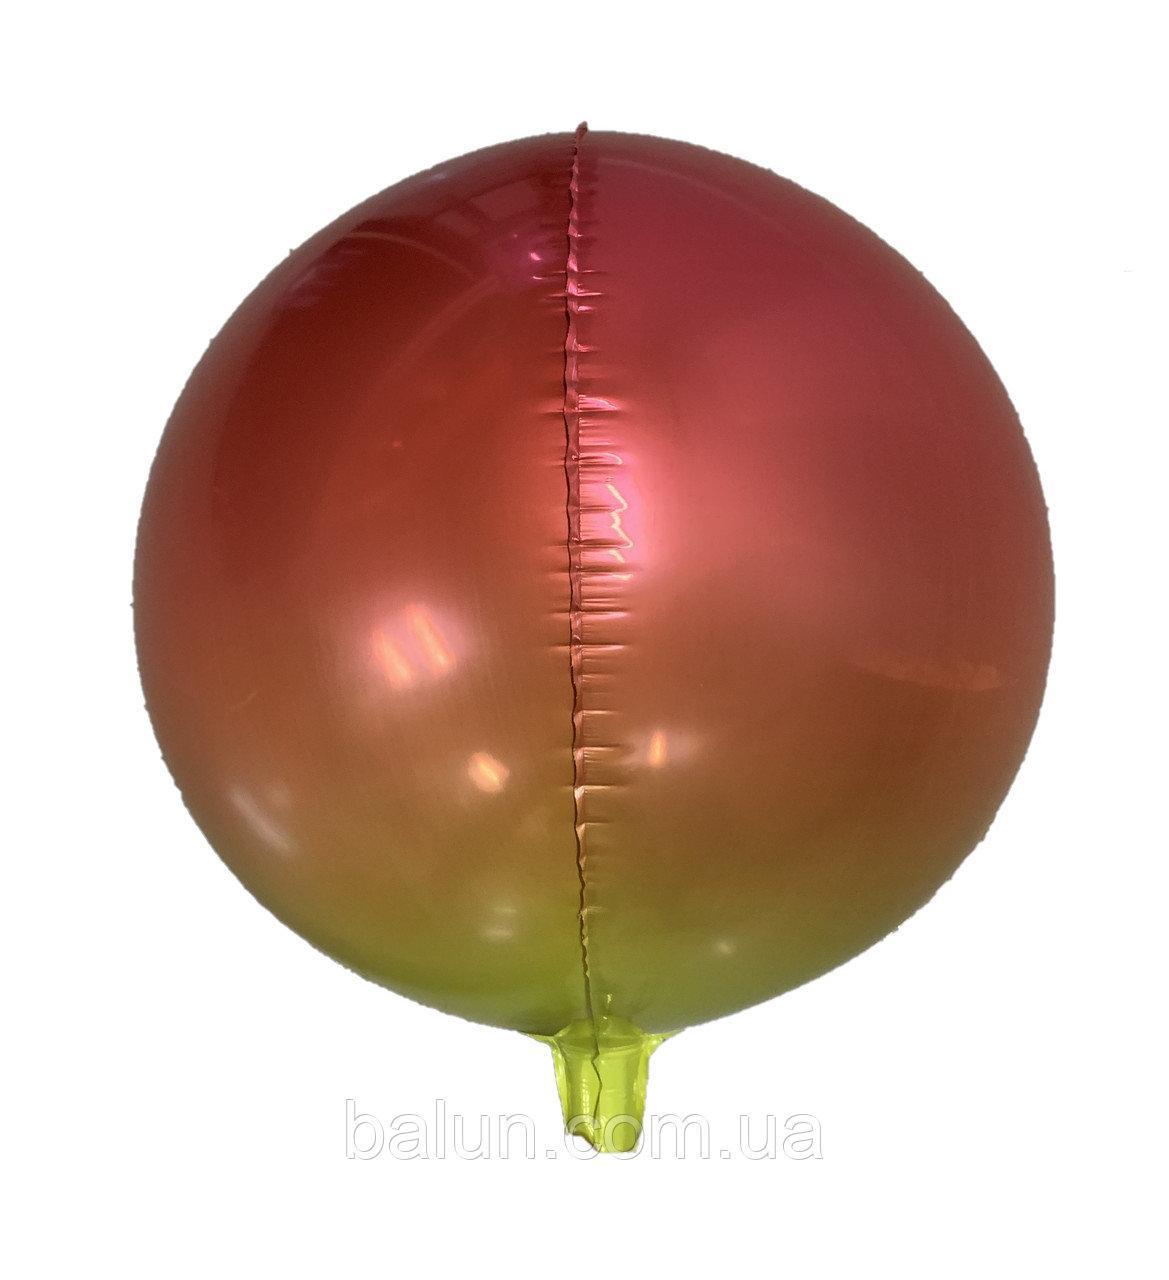 4D Градієнтна сфера( градієнт 3) 22''(55см)